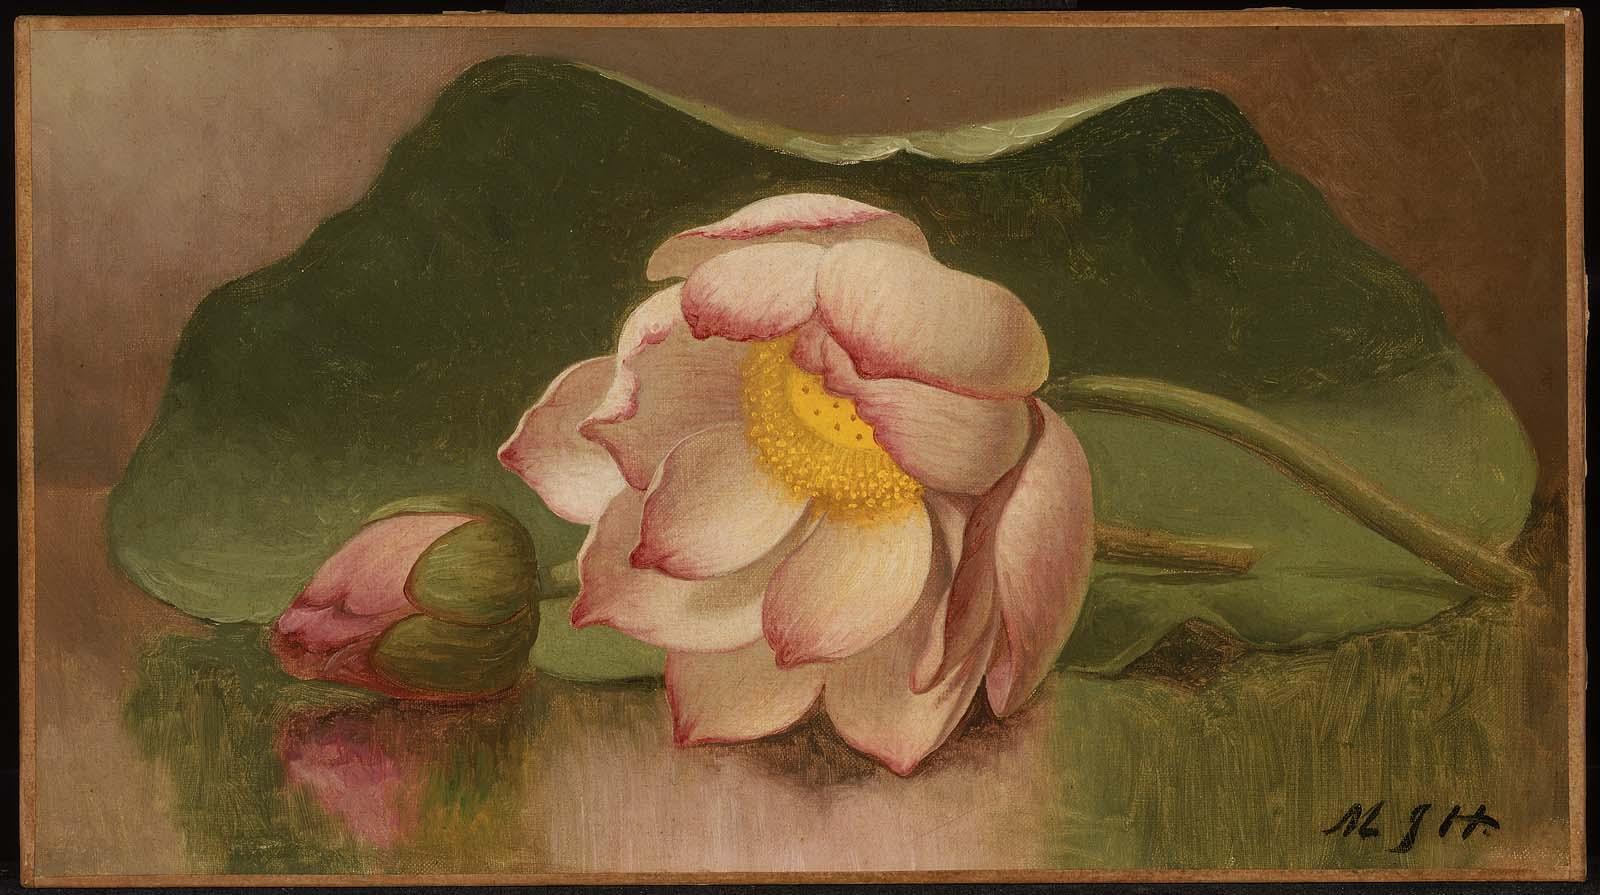 Мартин Джонсон Хид - Цветок лотоса - 47.1165 - Музей изящных искусств Arts.jpg